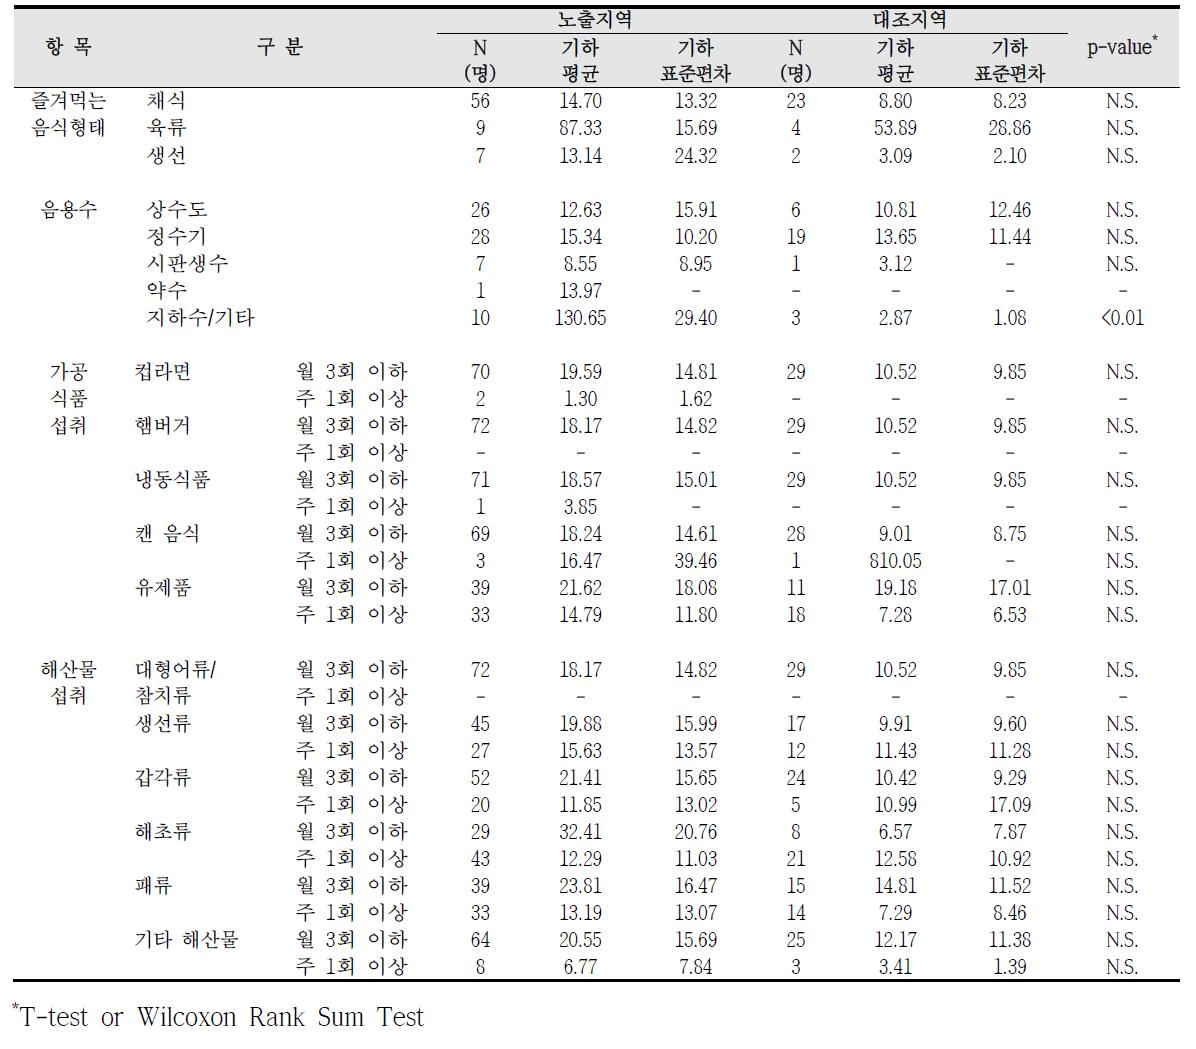 대산산업단지 식생활 습관에 따른 요중 코티닌 농도 비교